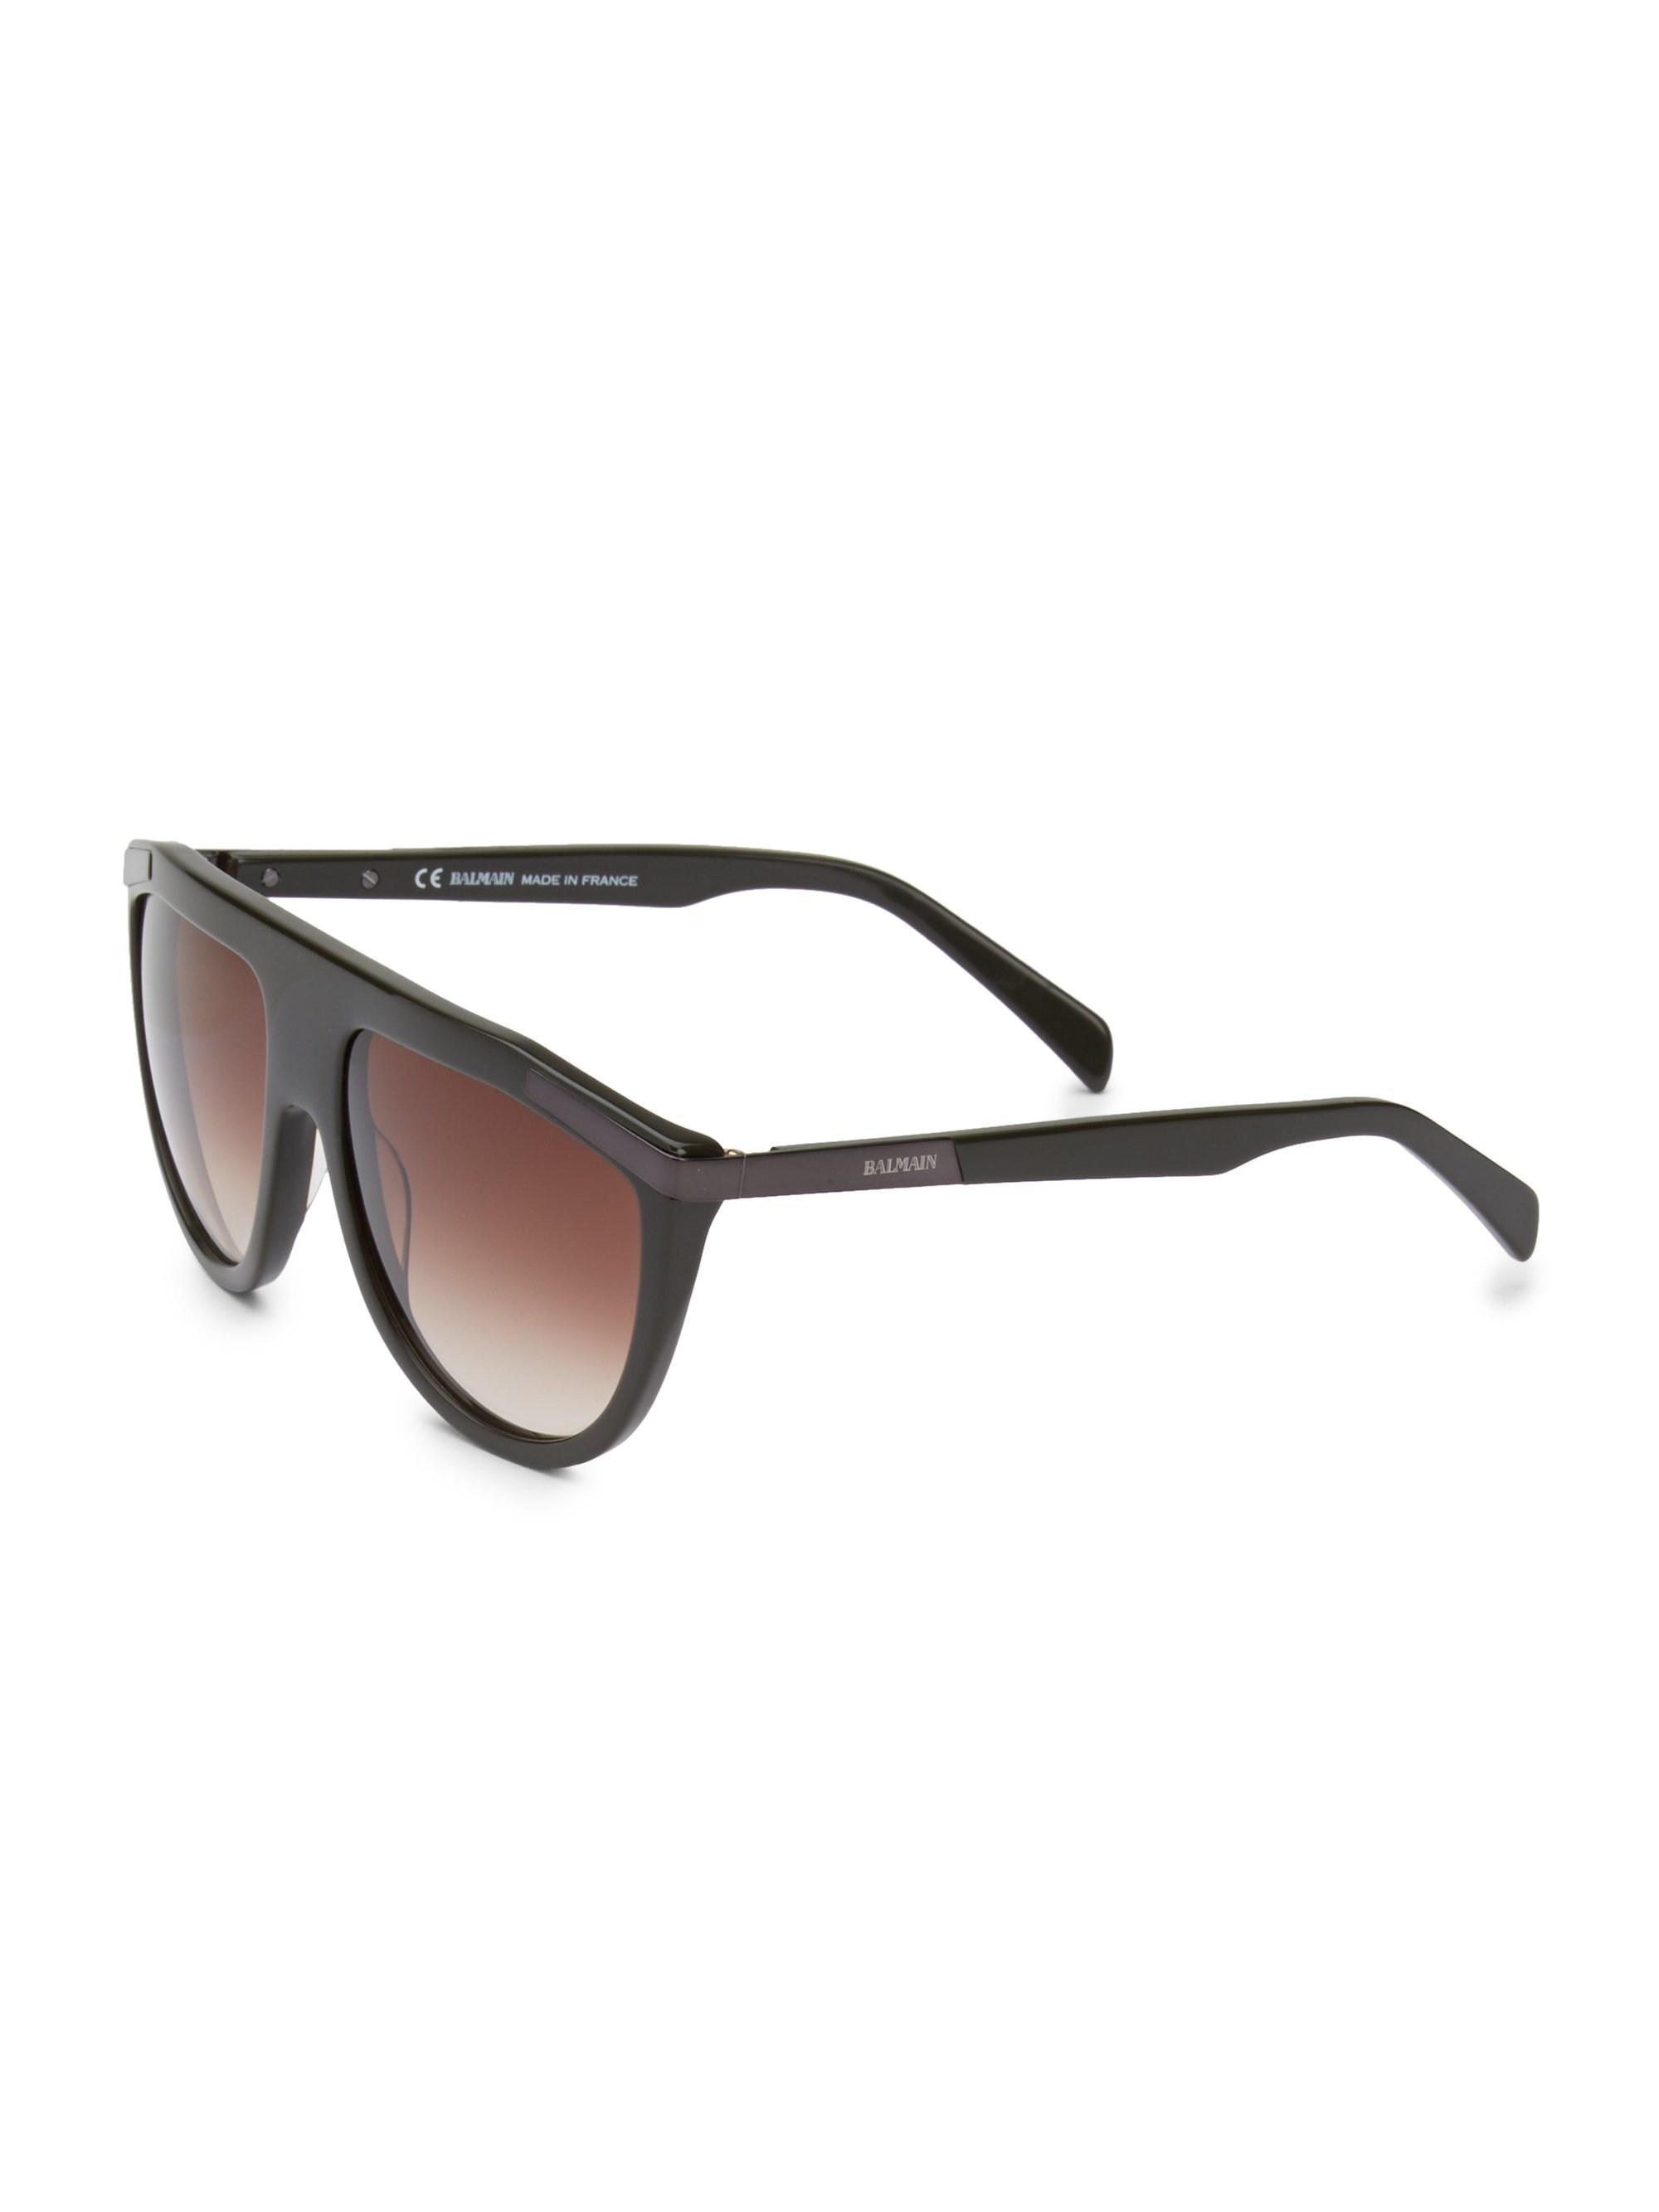 eaef91f63645 Balmain - Multicolor Men's 57mm Aviator Sunglasses - Khaki for Men - Lyst.  View fullscreen